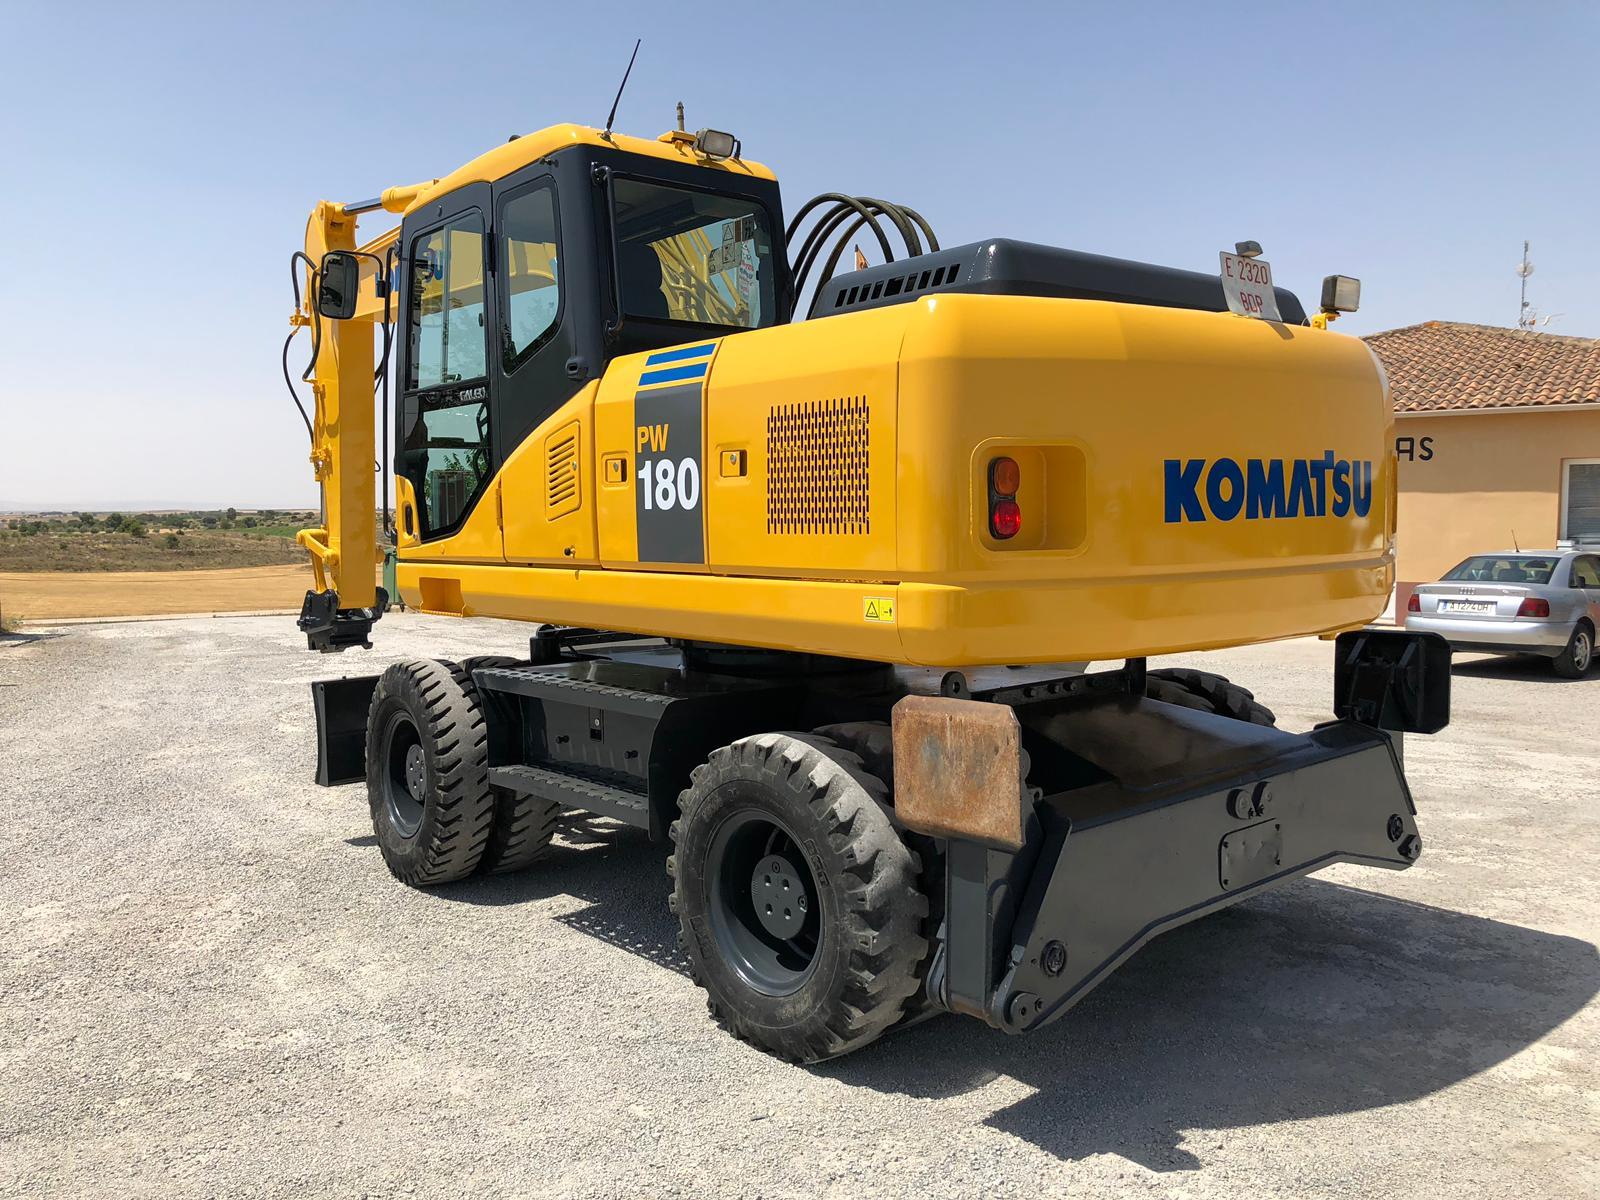 2006-komatsu-pw180-7k-15841835